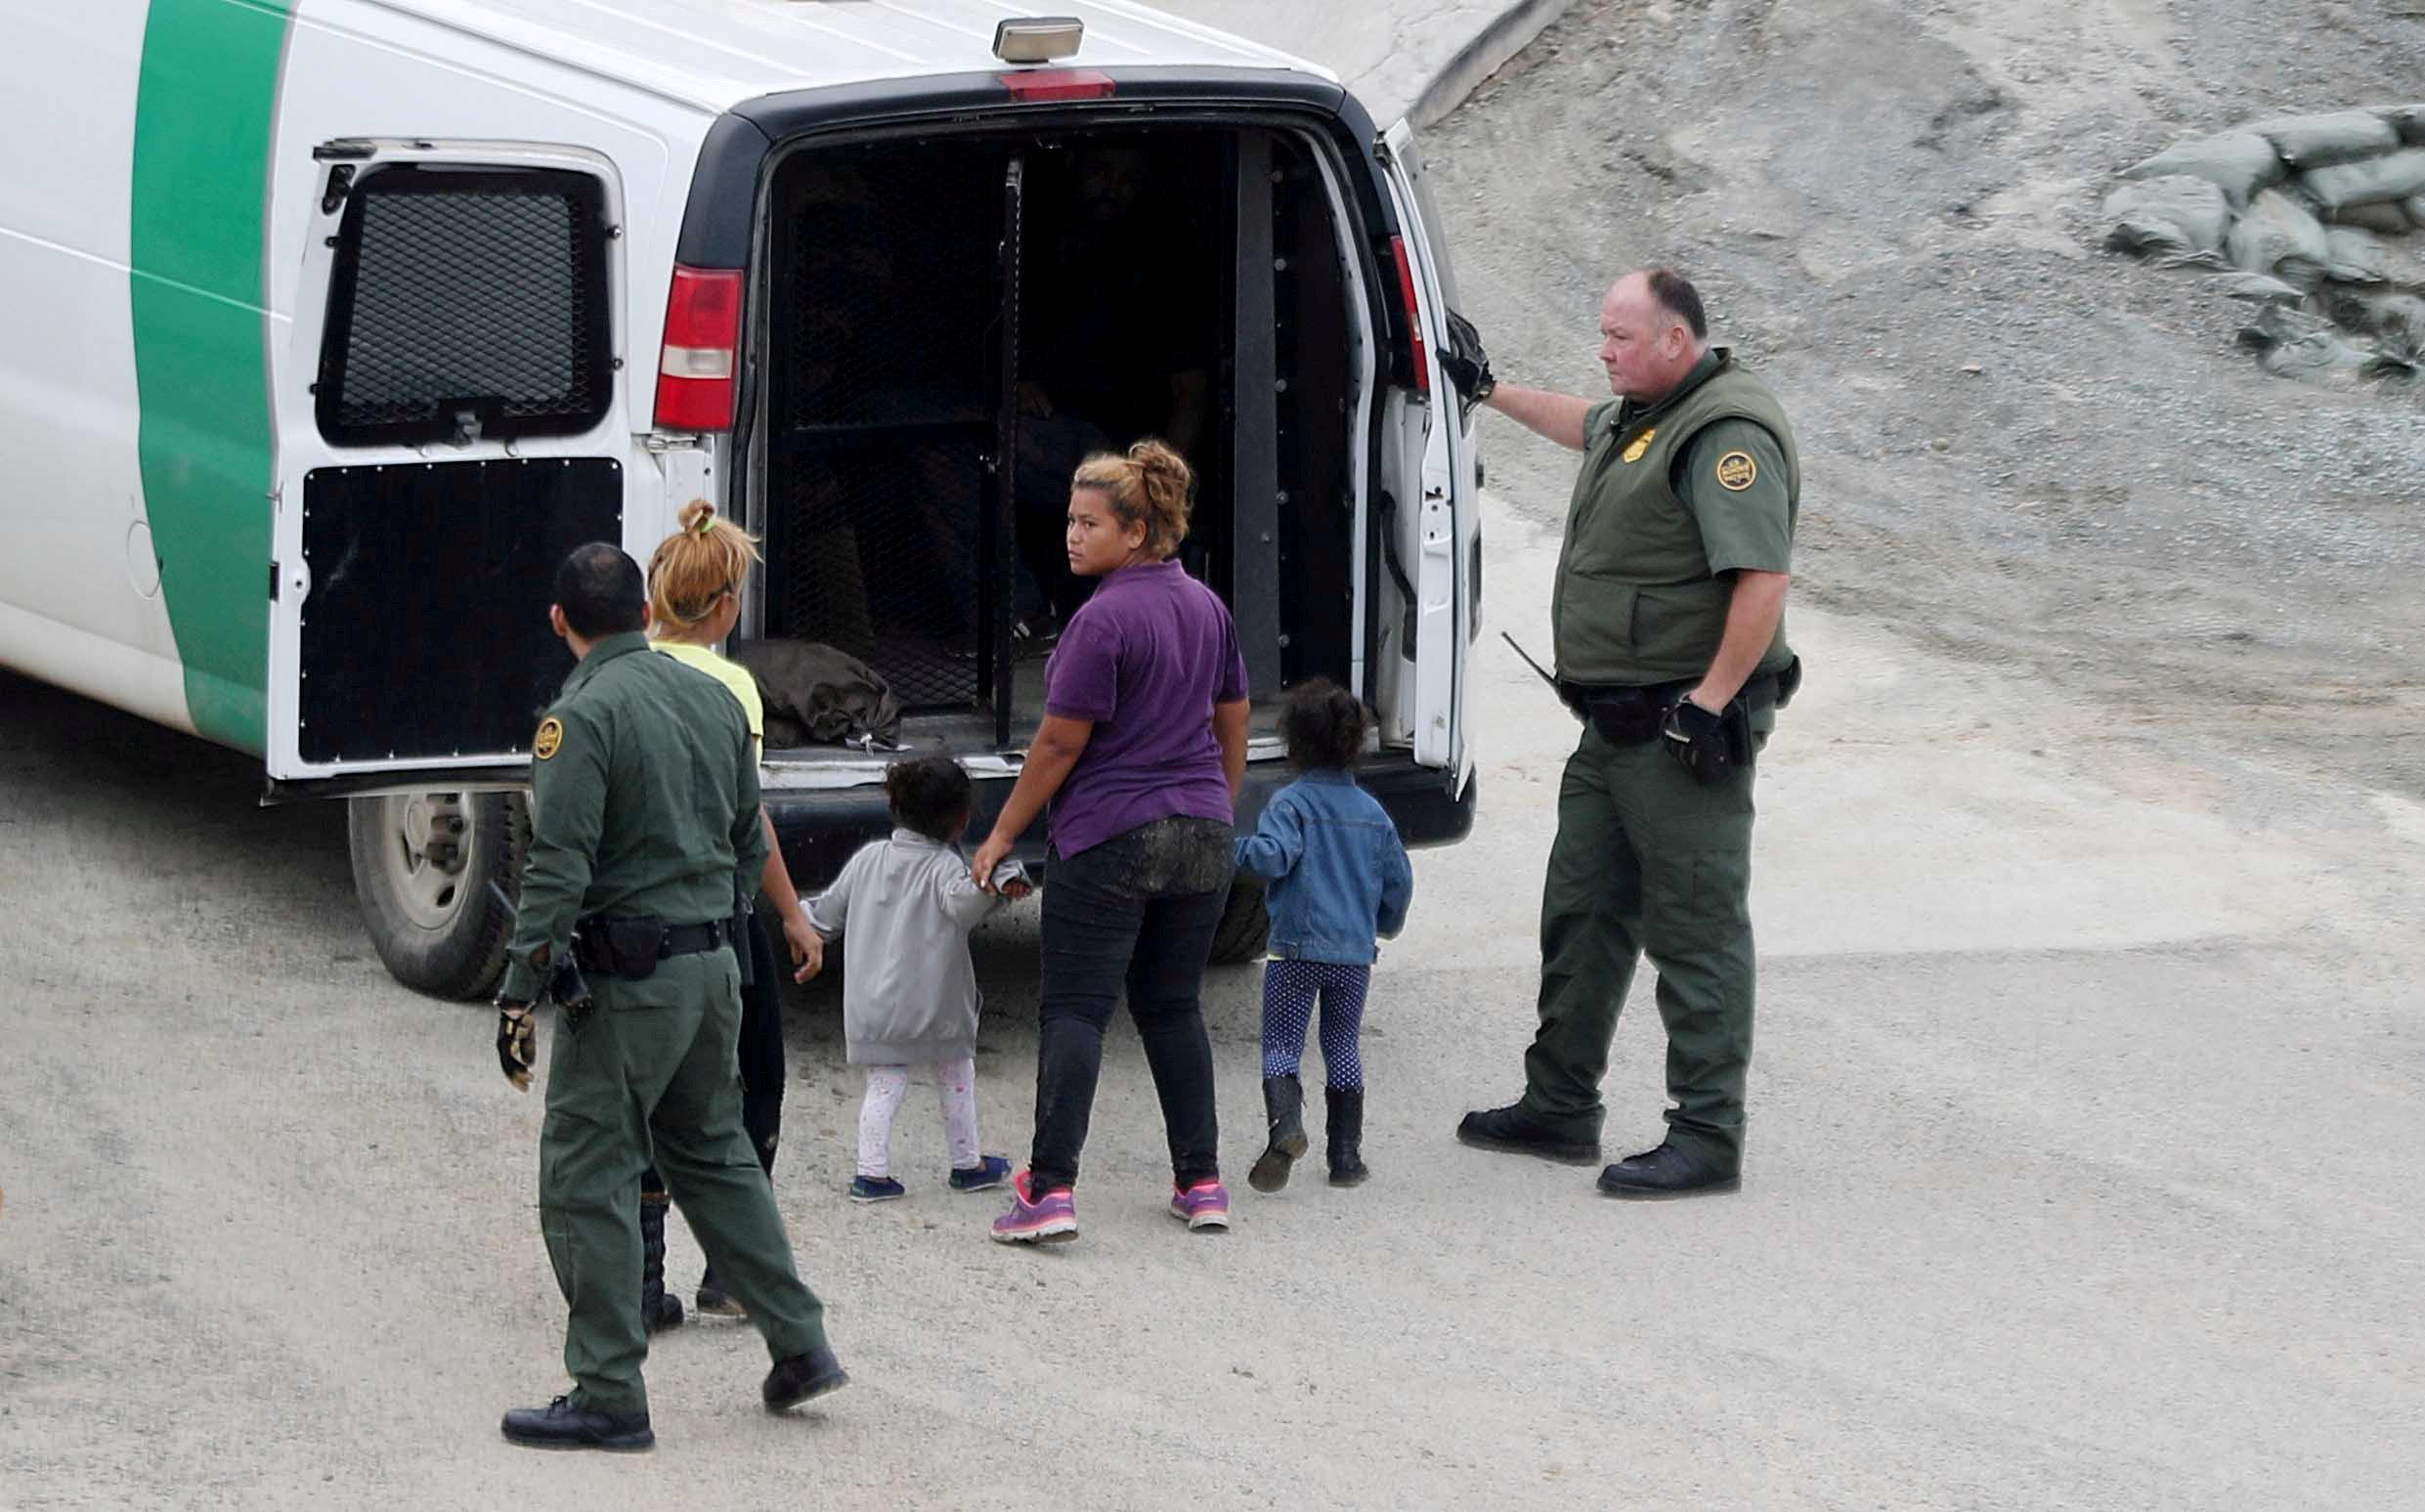 اعتقال مهاجرين على الجانب الأمريكى من الحدود مع المكسيك  (1)